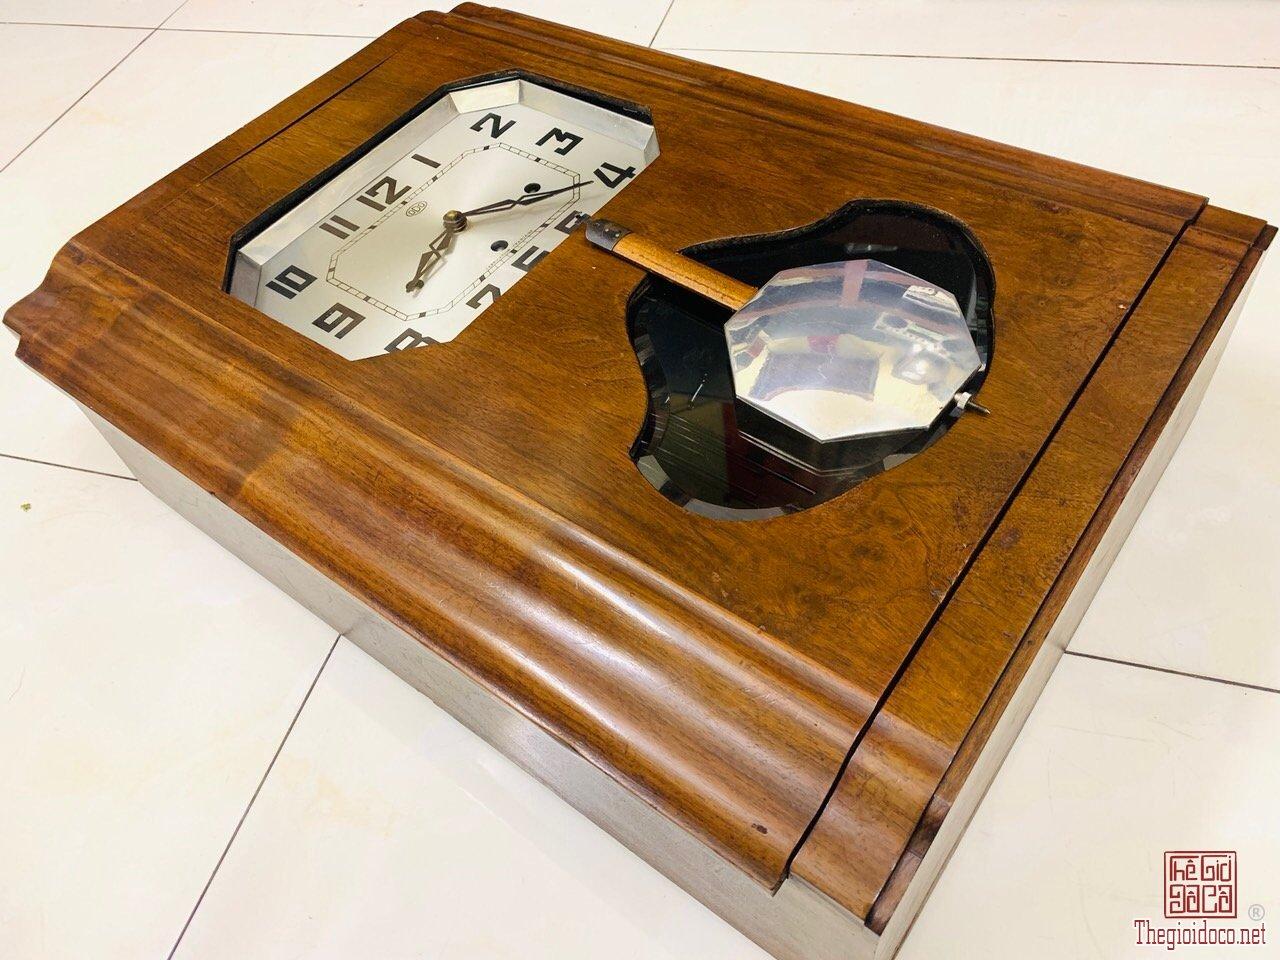 Đồng hồ Odo 30 vồ vuông rất đẹp